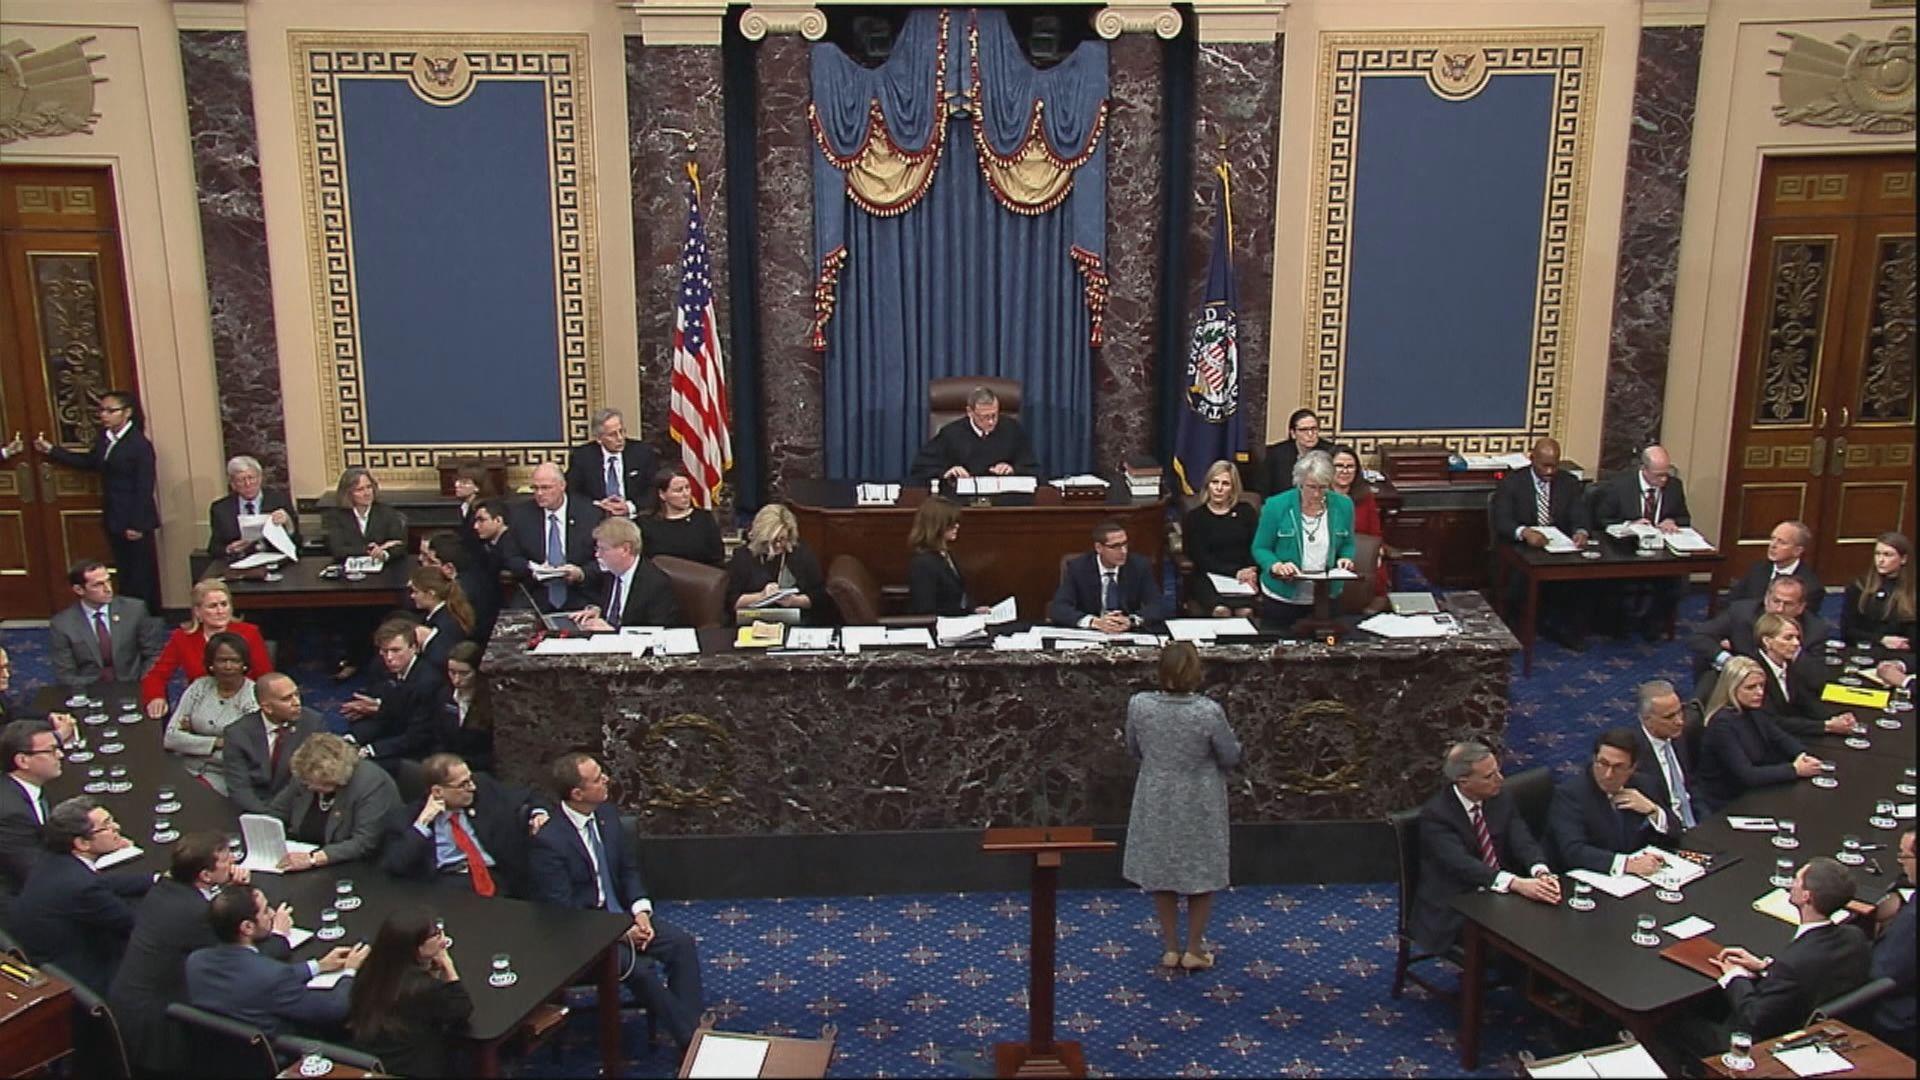 參議院表決特朗普兩項彈劾控罪不成立